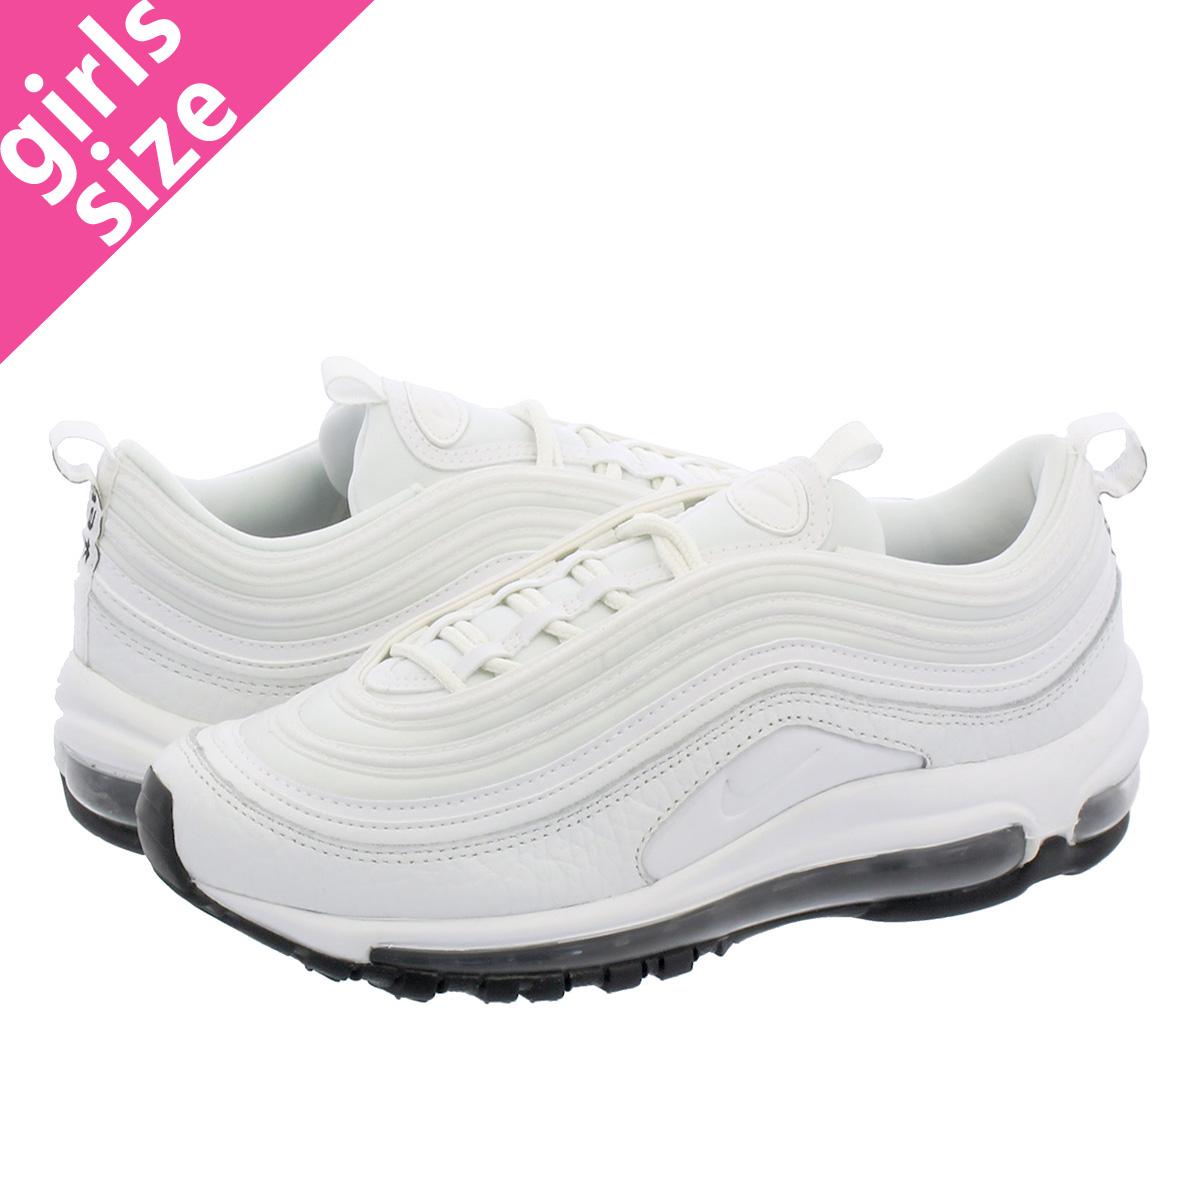 ca1d2a2a85d LOWTEX BIG-SMALL SHOP  NIKE WMNS AIR MAX 97 LEATHER Nike women Air Max 97  leather SUMMIT WHITE SUMMIT WHITE BLACK aq8760-100